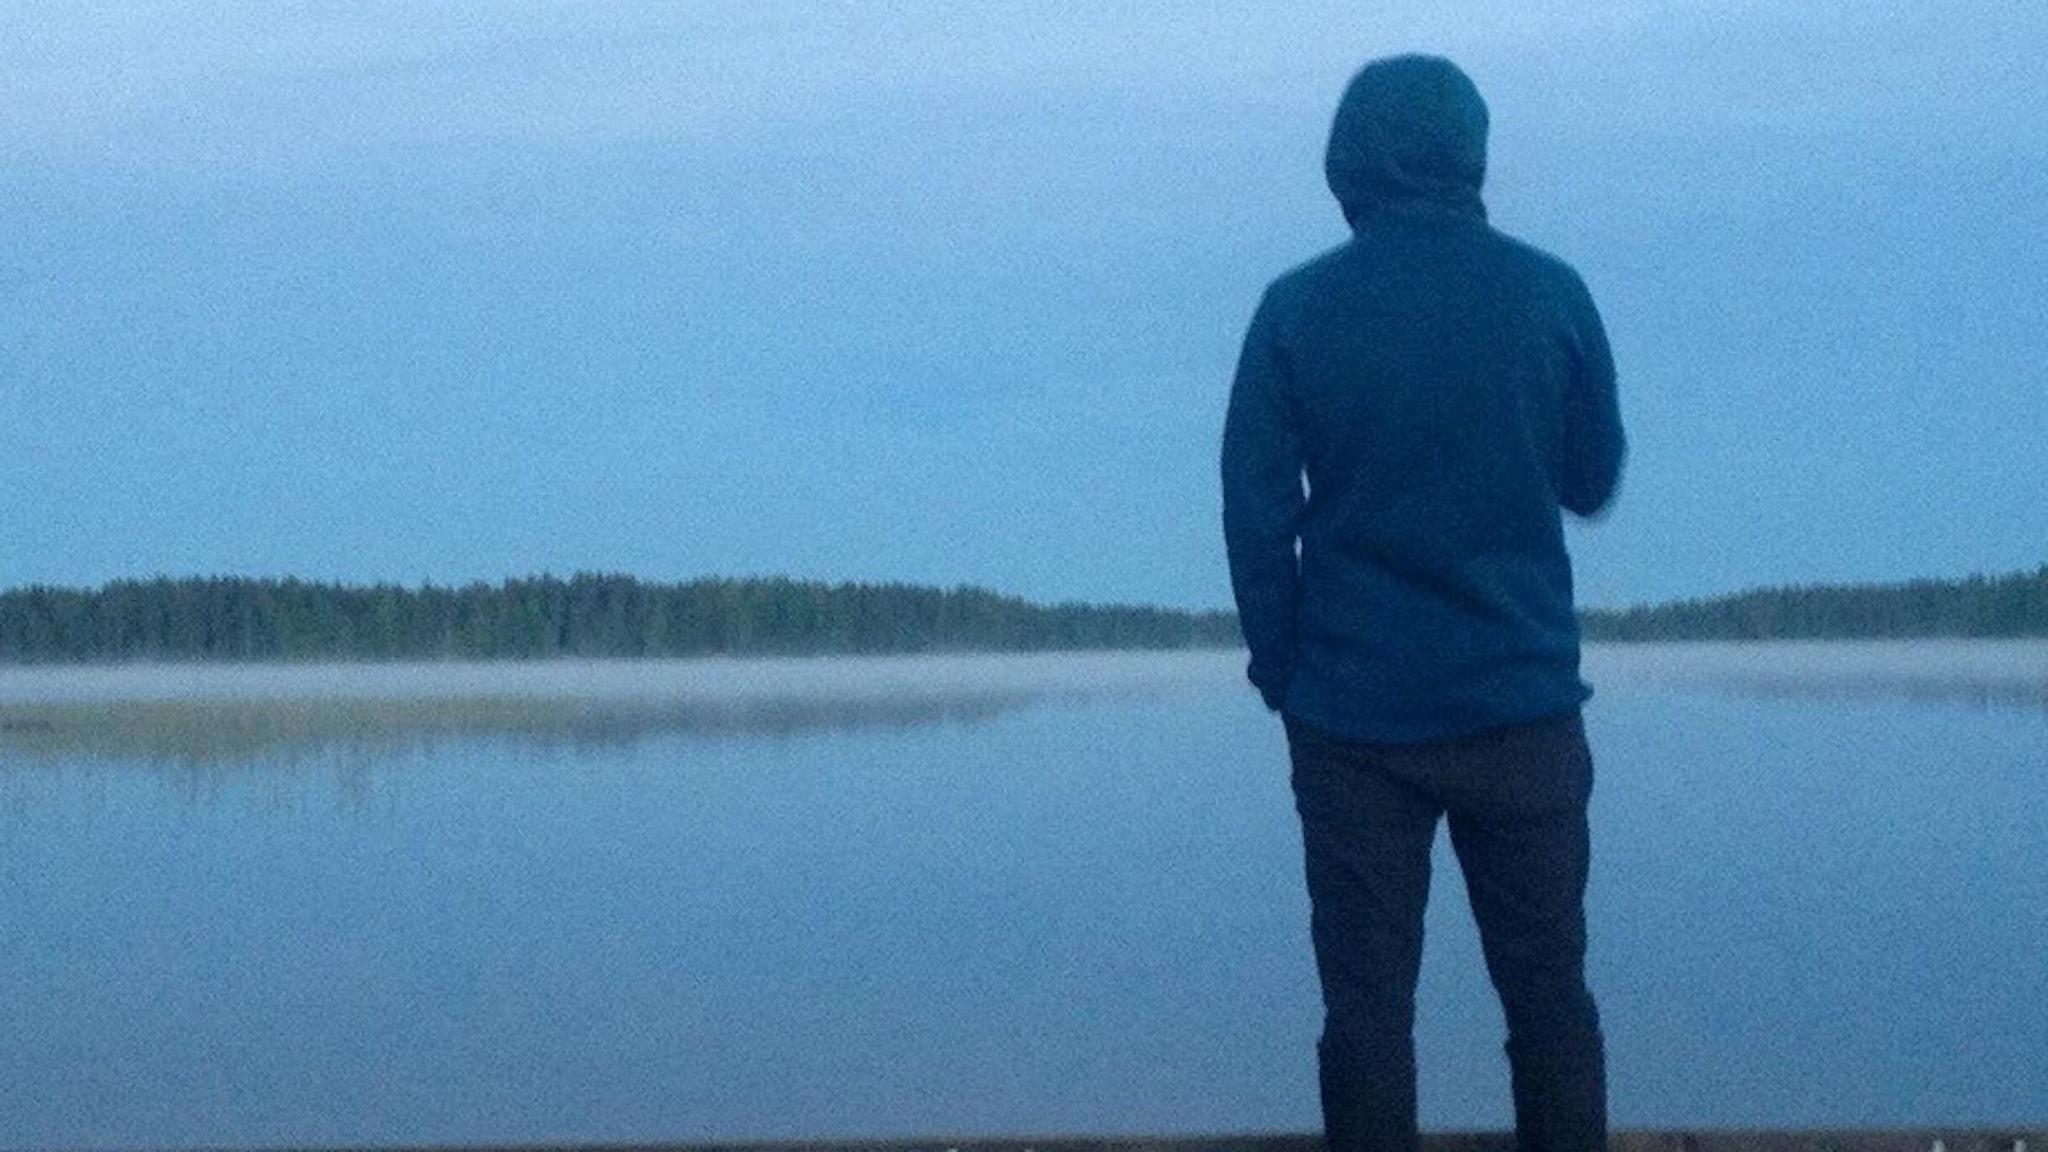 Josef står och blickar ut över en sjö.